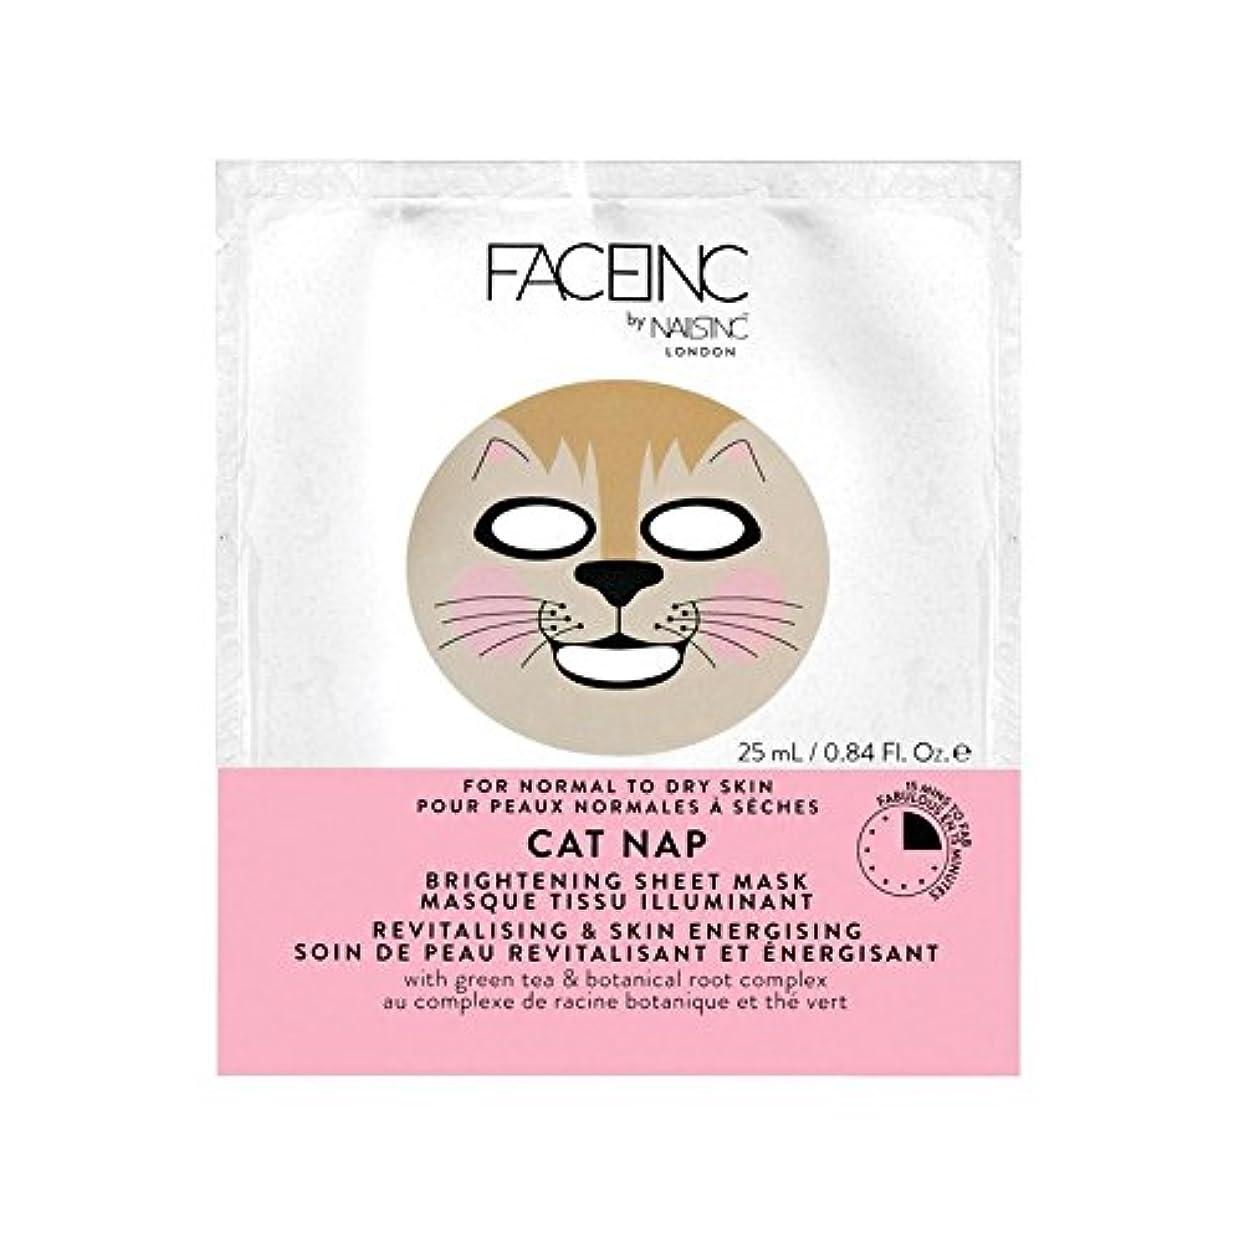 周囲エミュレートするセンター爪が株式会社顔猫の昼寝用マスク x2 - Nails Inc. Face Inc Cat Nap Mask (Pack of 2) [並行輸入品]